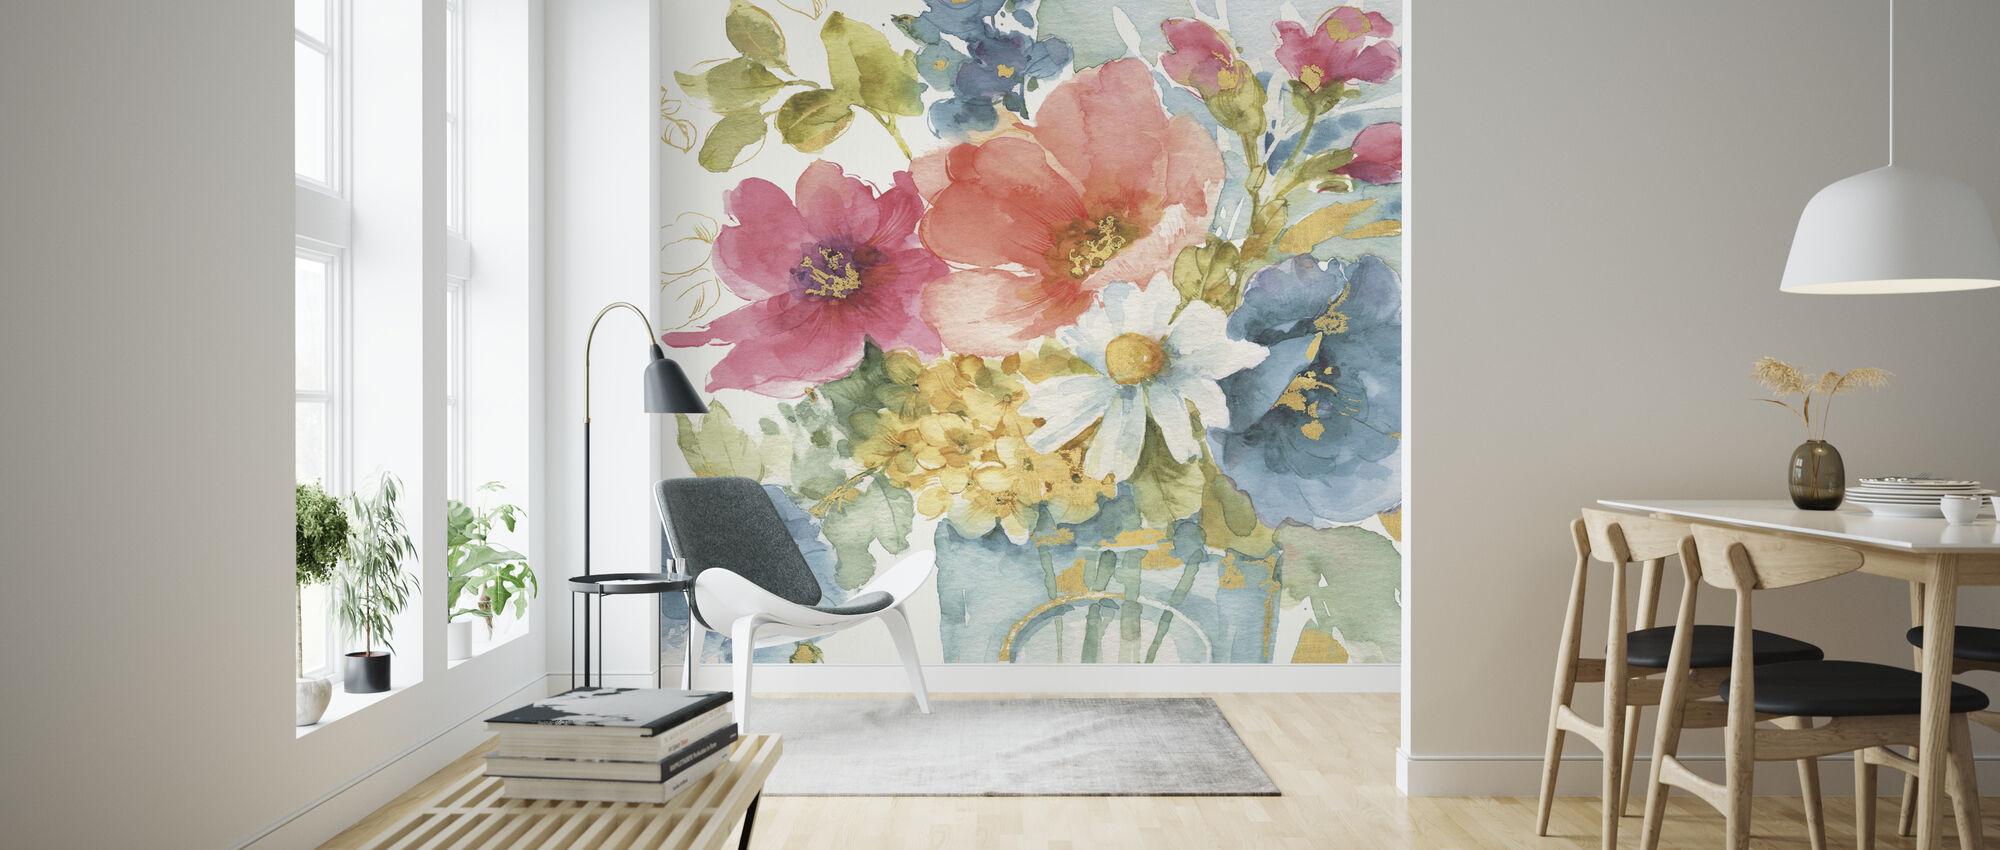 Mein Garten Blumenstrauß - Tapete - Wohnzimmer